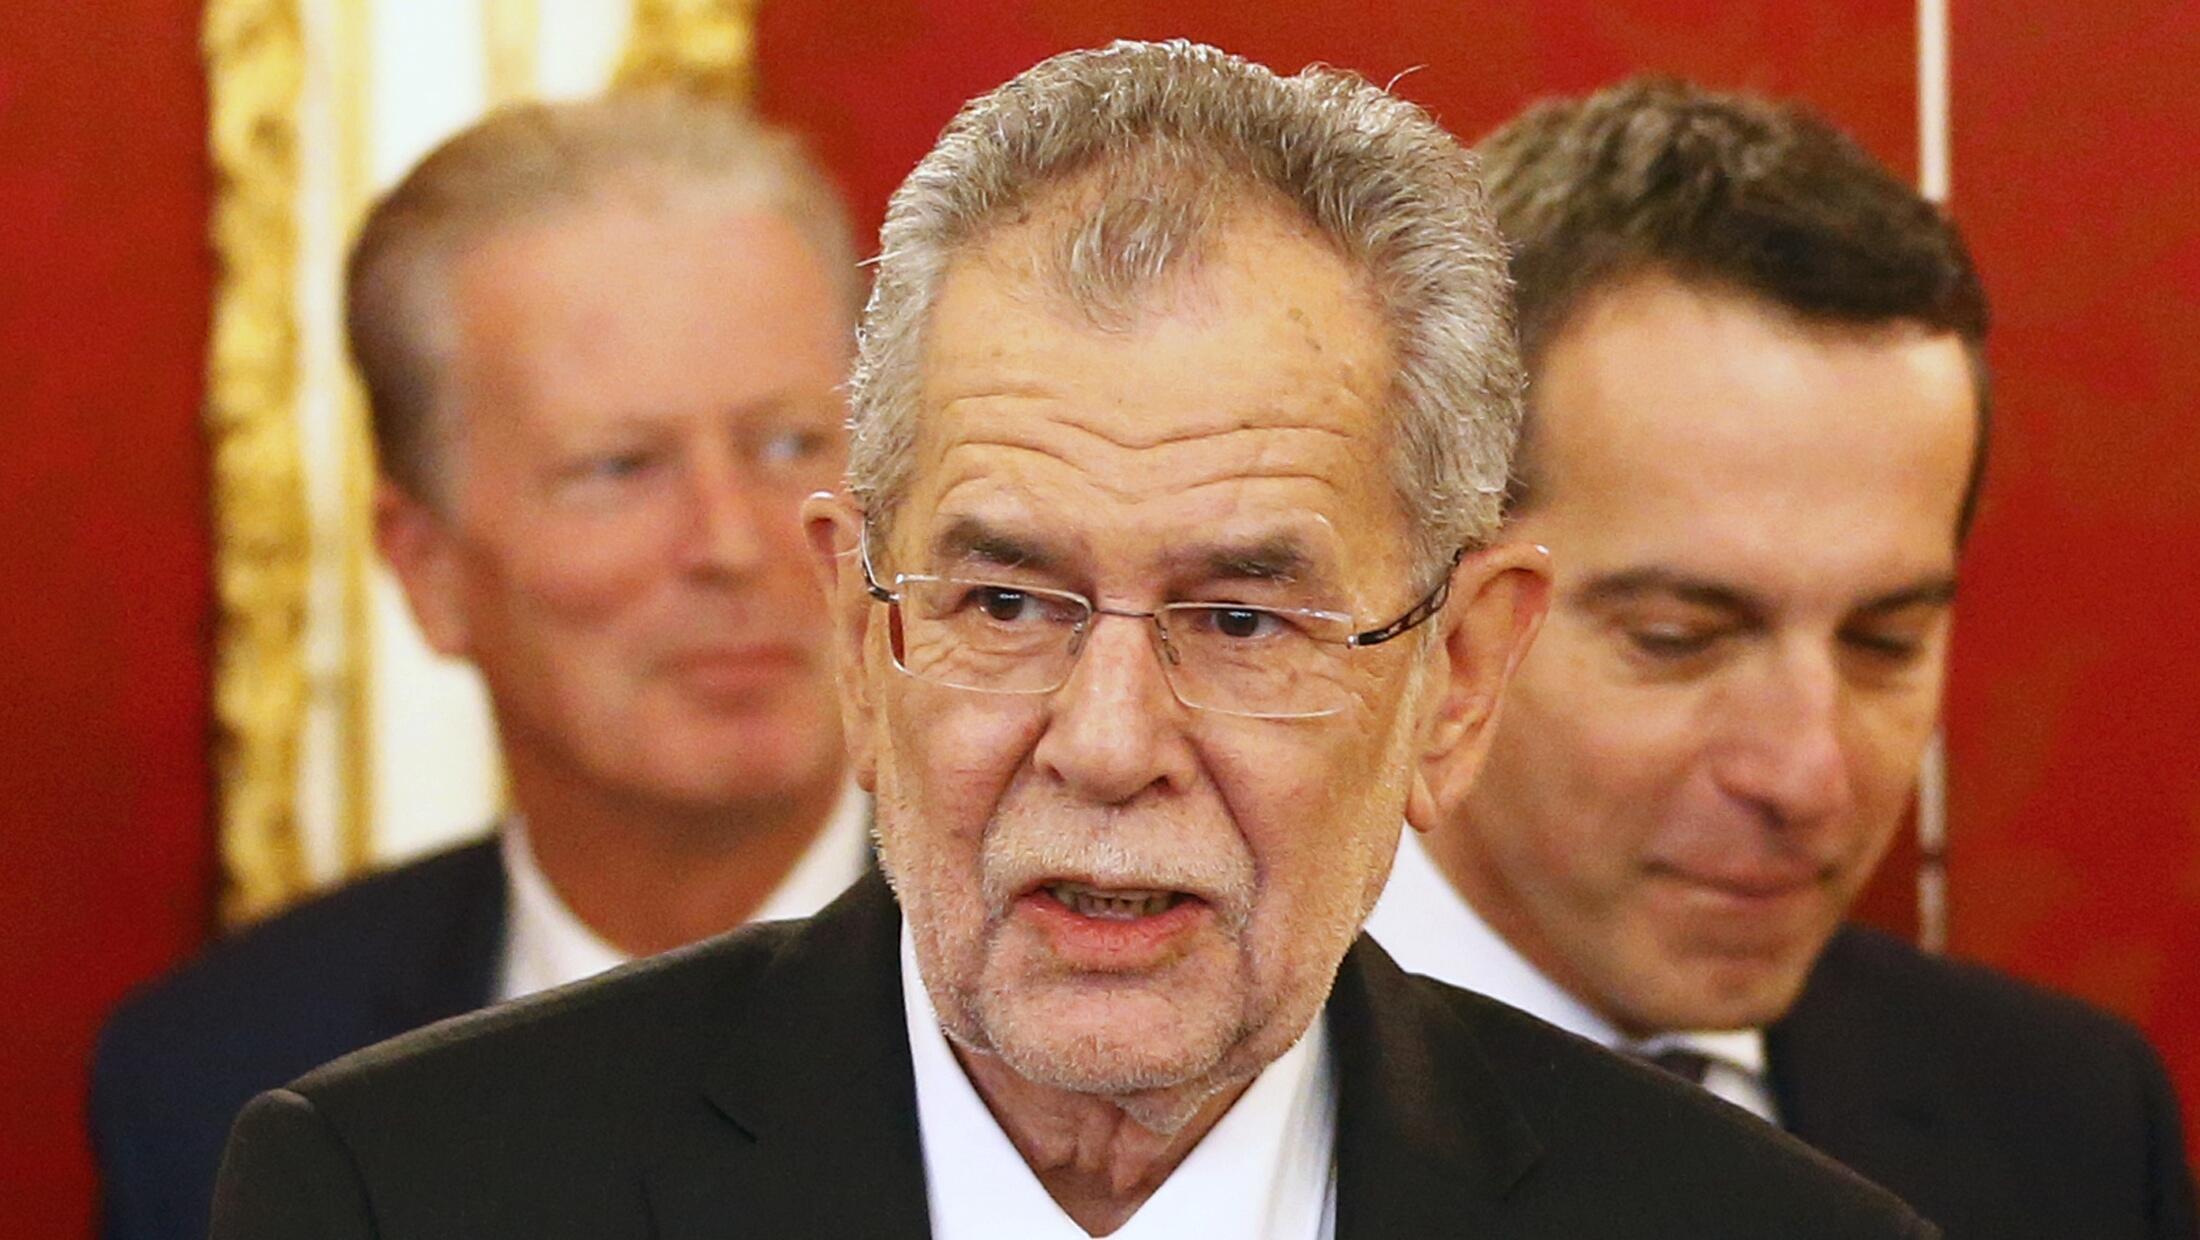 Le nouveau président autrichien Alexander van der Bellen, ici le 26 janvier 2017, a annoncé son intention de refuser de promulguer la loi  validant le Ceta.